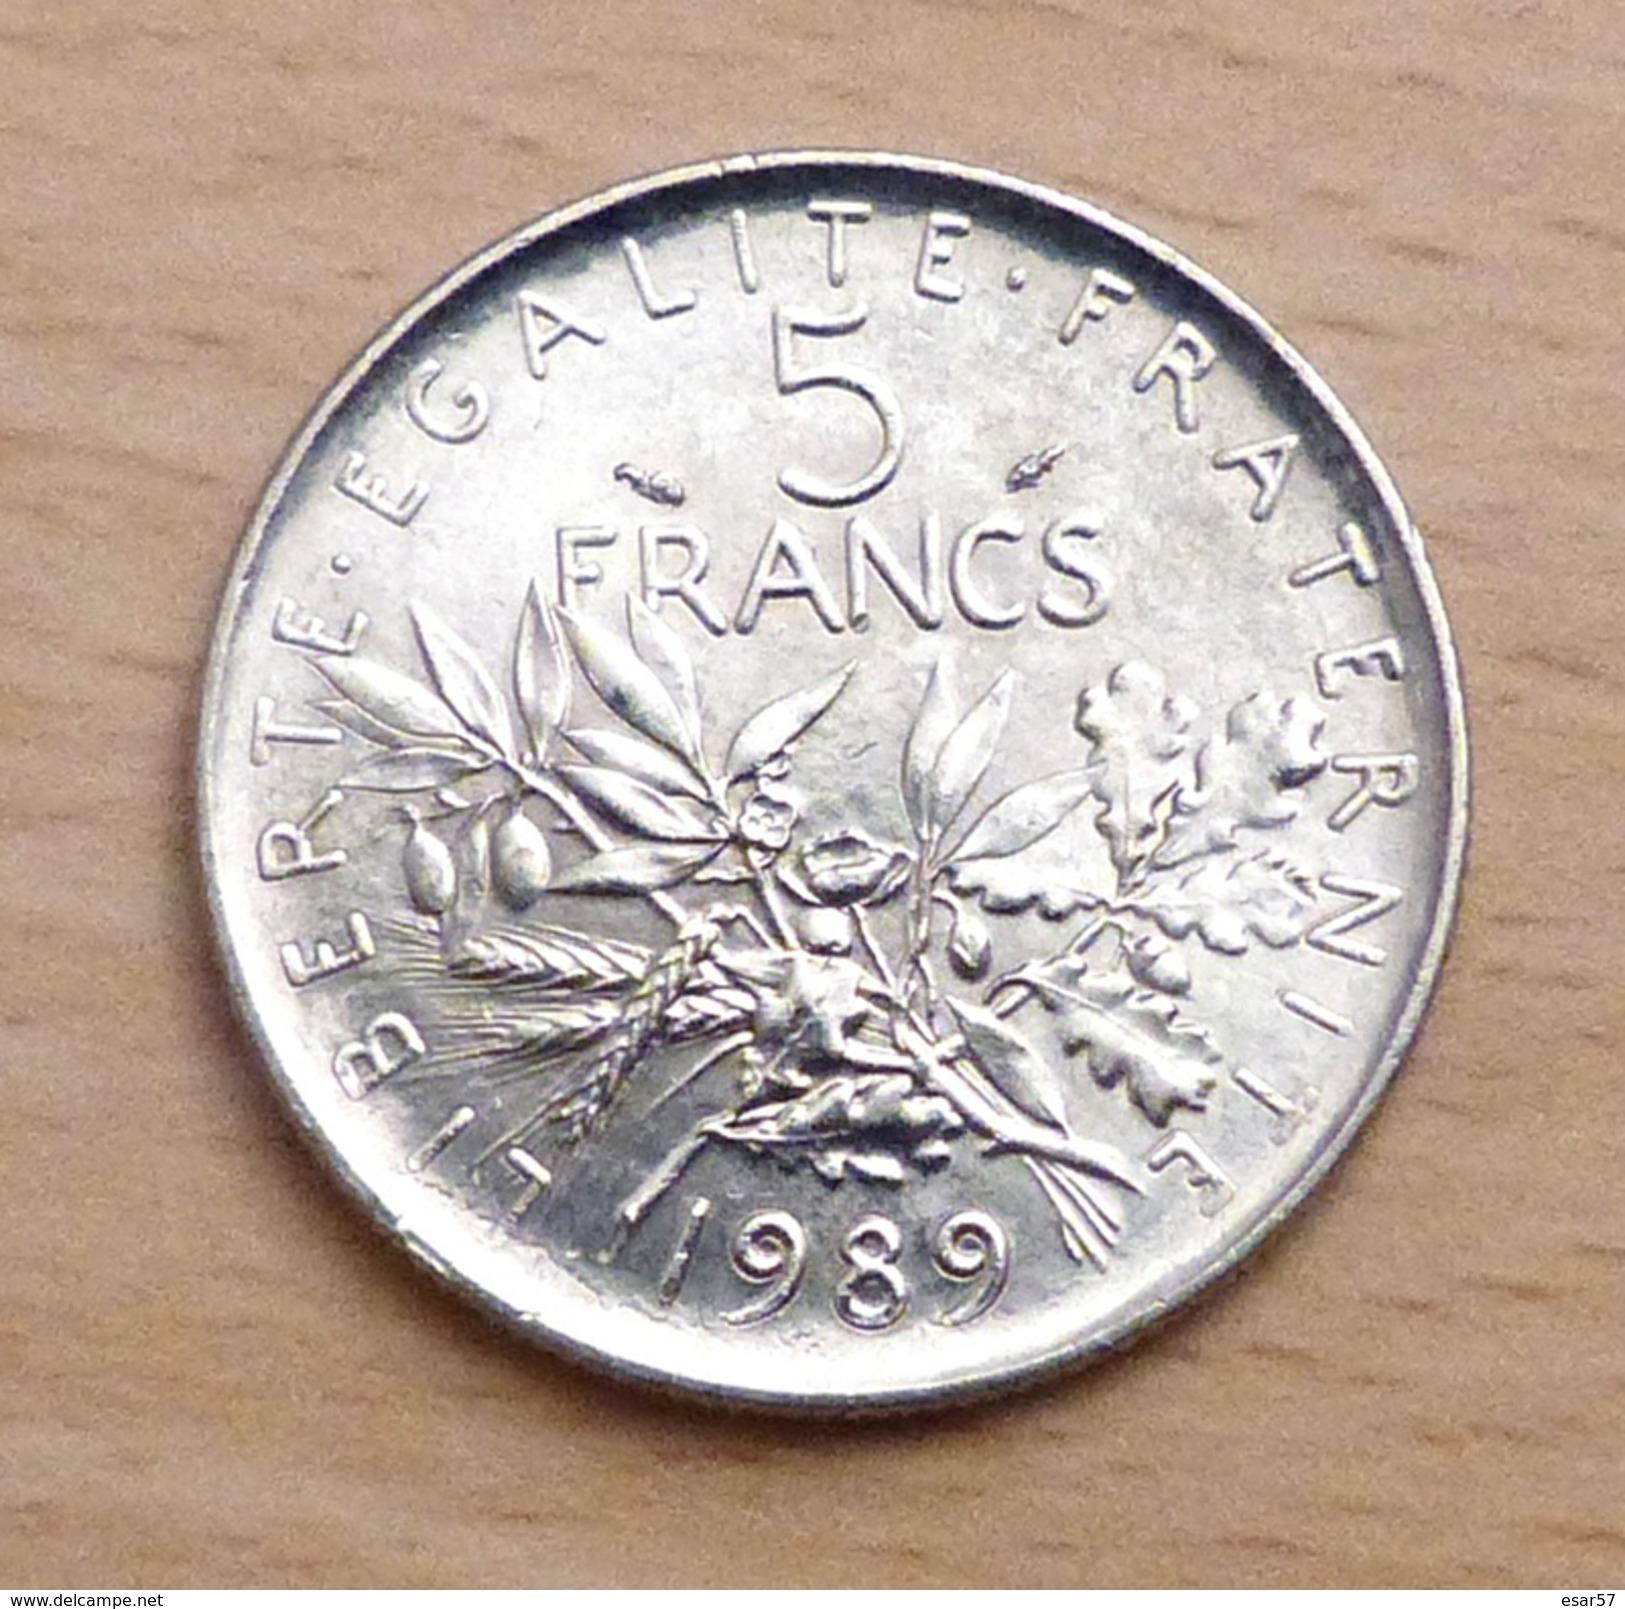 5 FRANCS SEMEUSE 1989 SPL - France